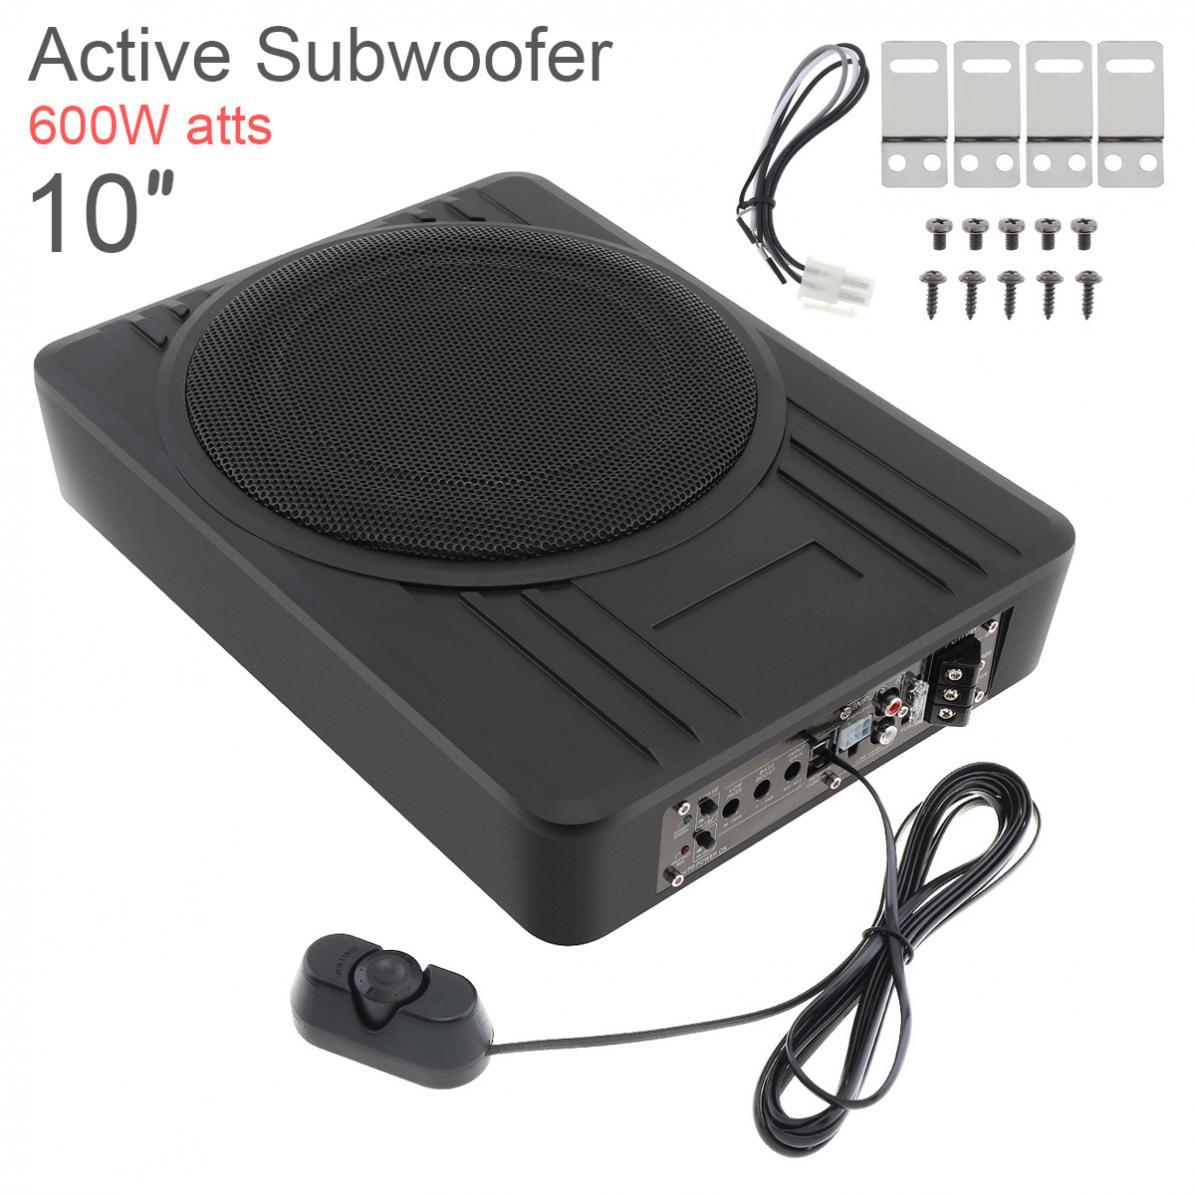 Uniwersalny czarny kadłub Slim 10 Cal 600W Slim pod siedzeniem samochodowy aktywny subwoofer Bass głośnik wzmacniacz nowy